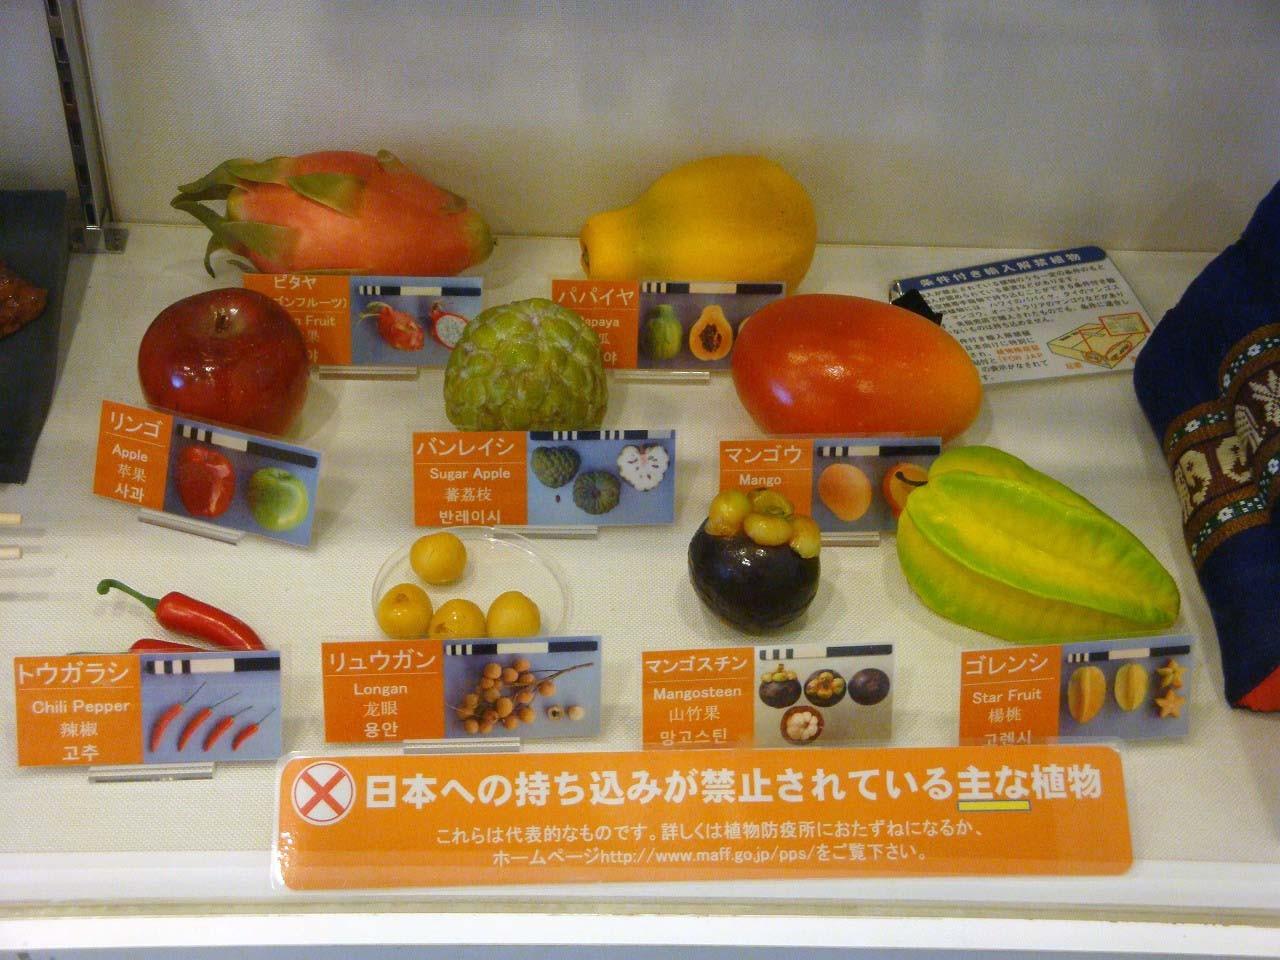 へ~海外から持ち込めない果物ってこんなにあるんだね